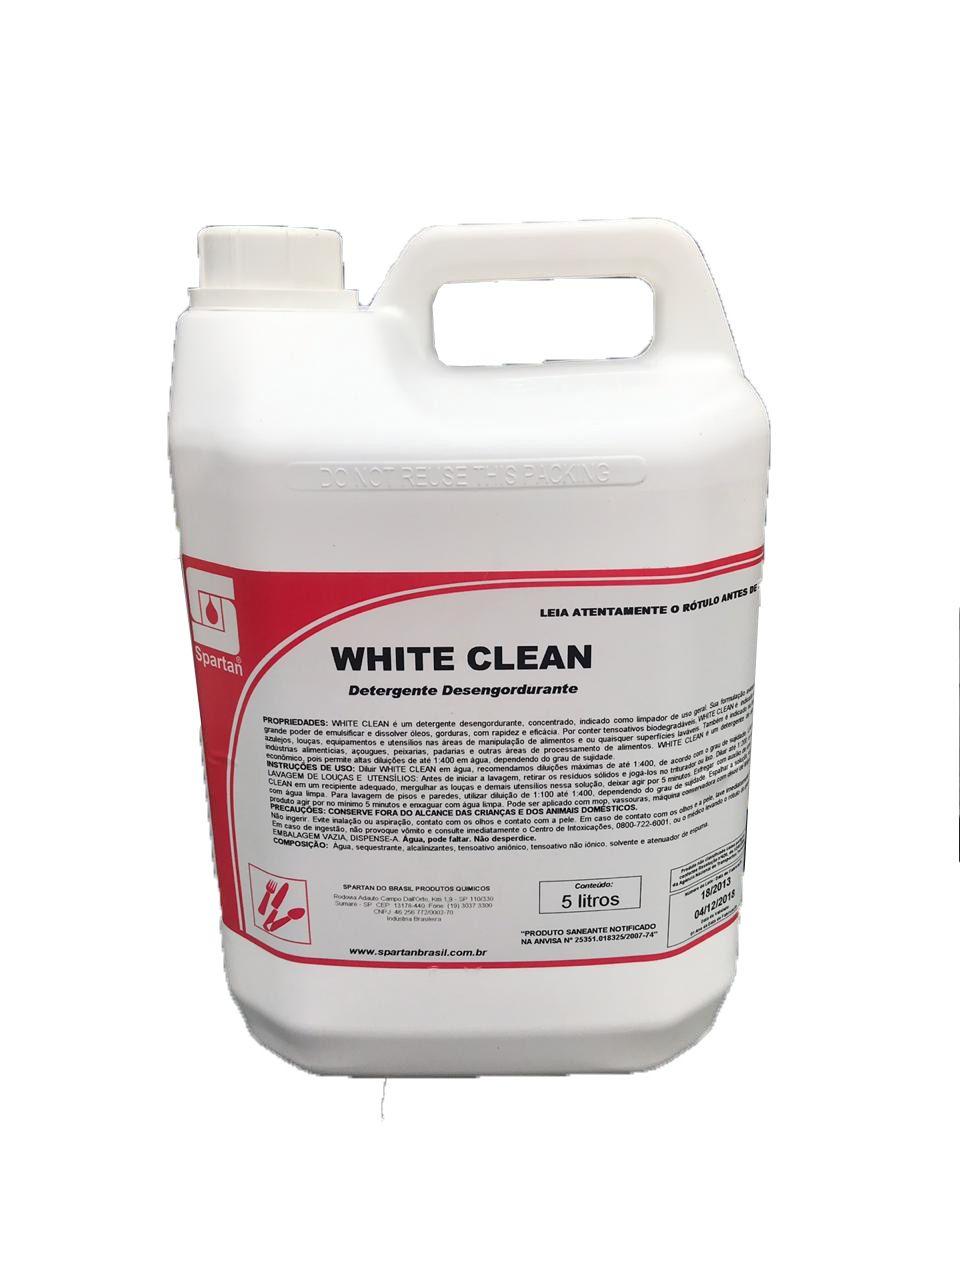 Detergente Desengordurante White Clean 5L Spartan